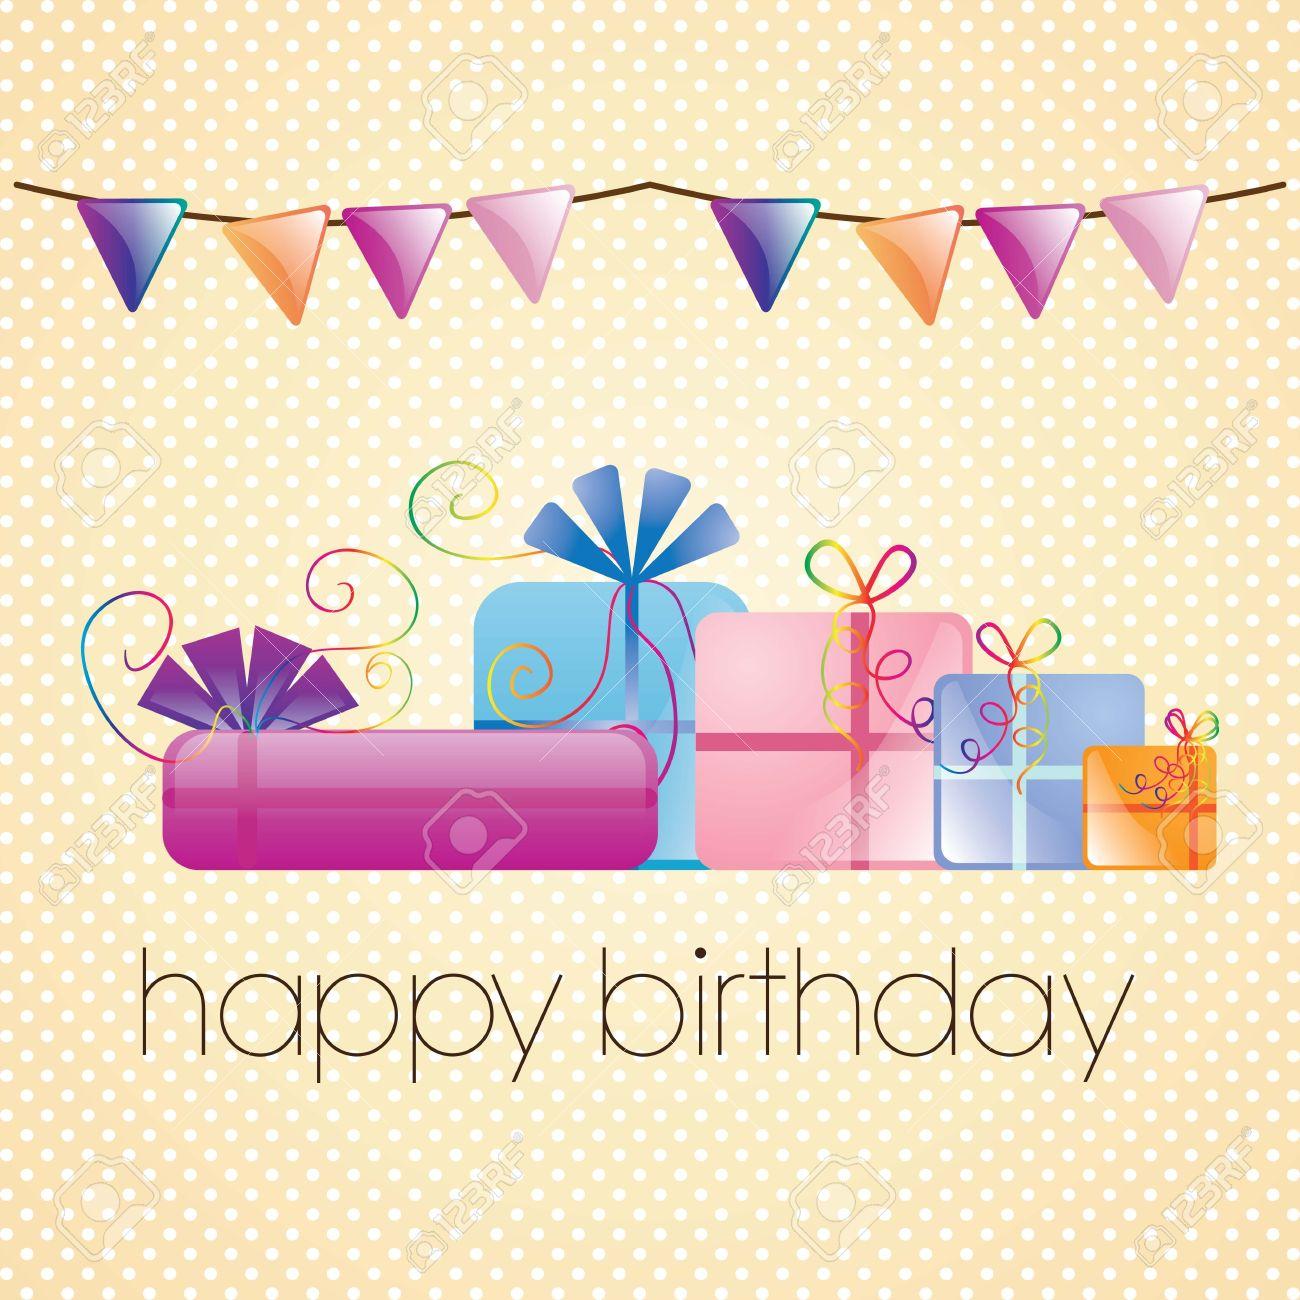 Happy Birthday Card Mit Schonen Geschenken Auf Vintage Hintergrund Standard Bild